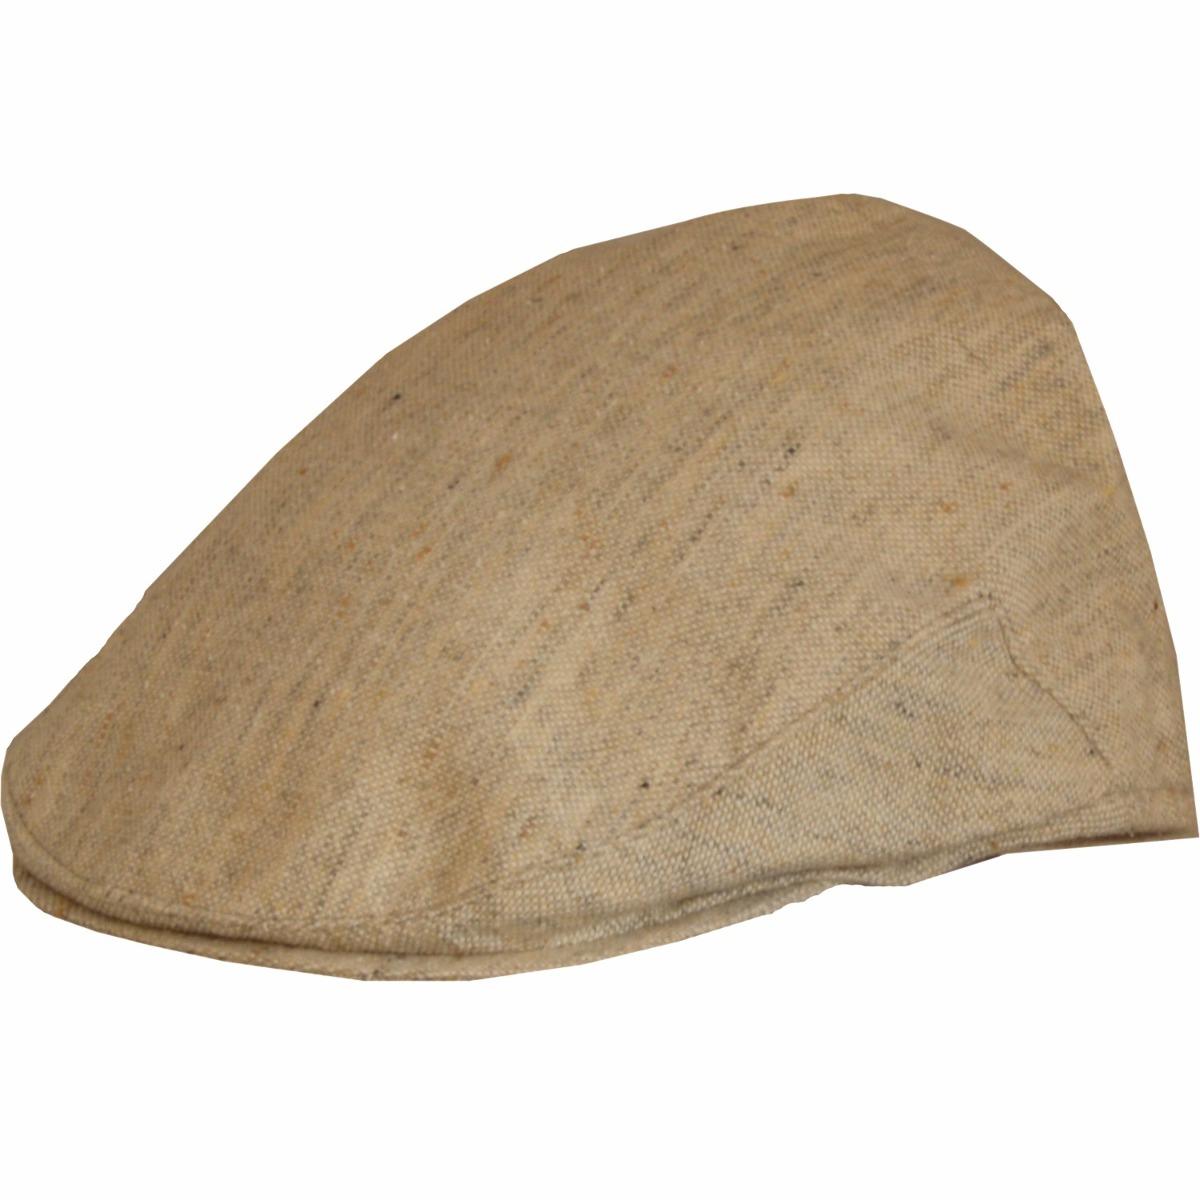 boina clasica paño italiano compañia de sombreros h616000-83. Cargando zoom. d5643676ff4